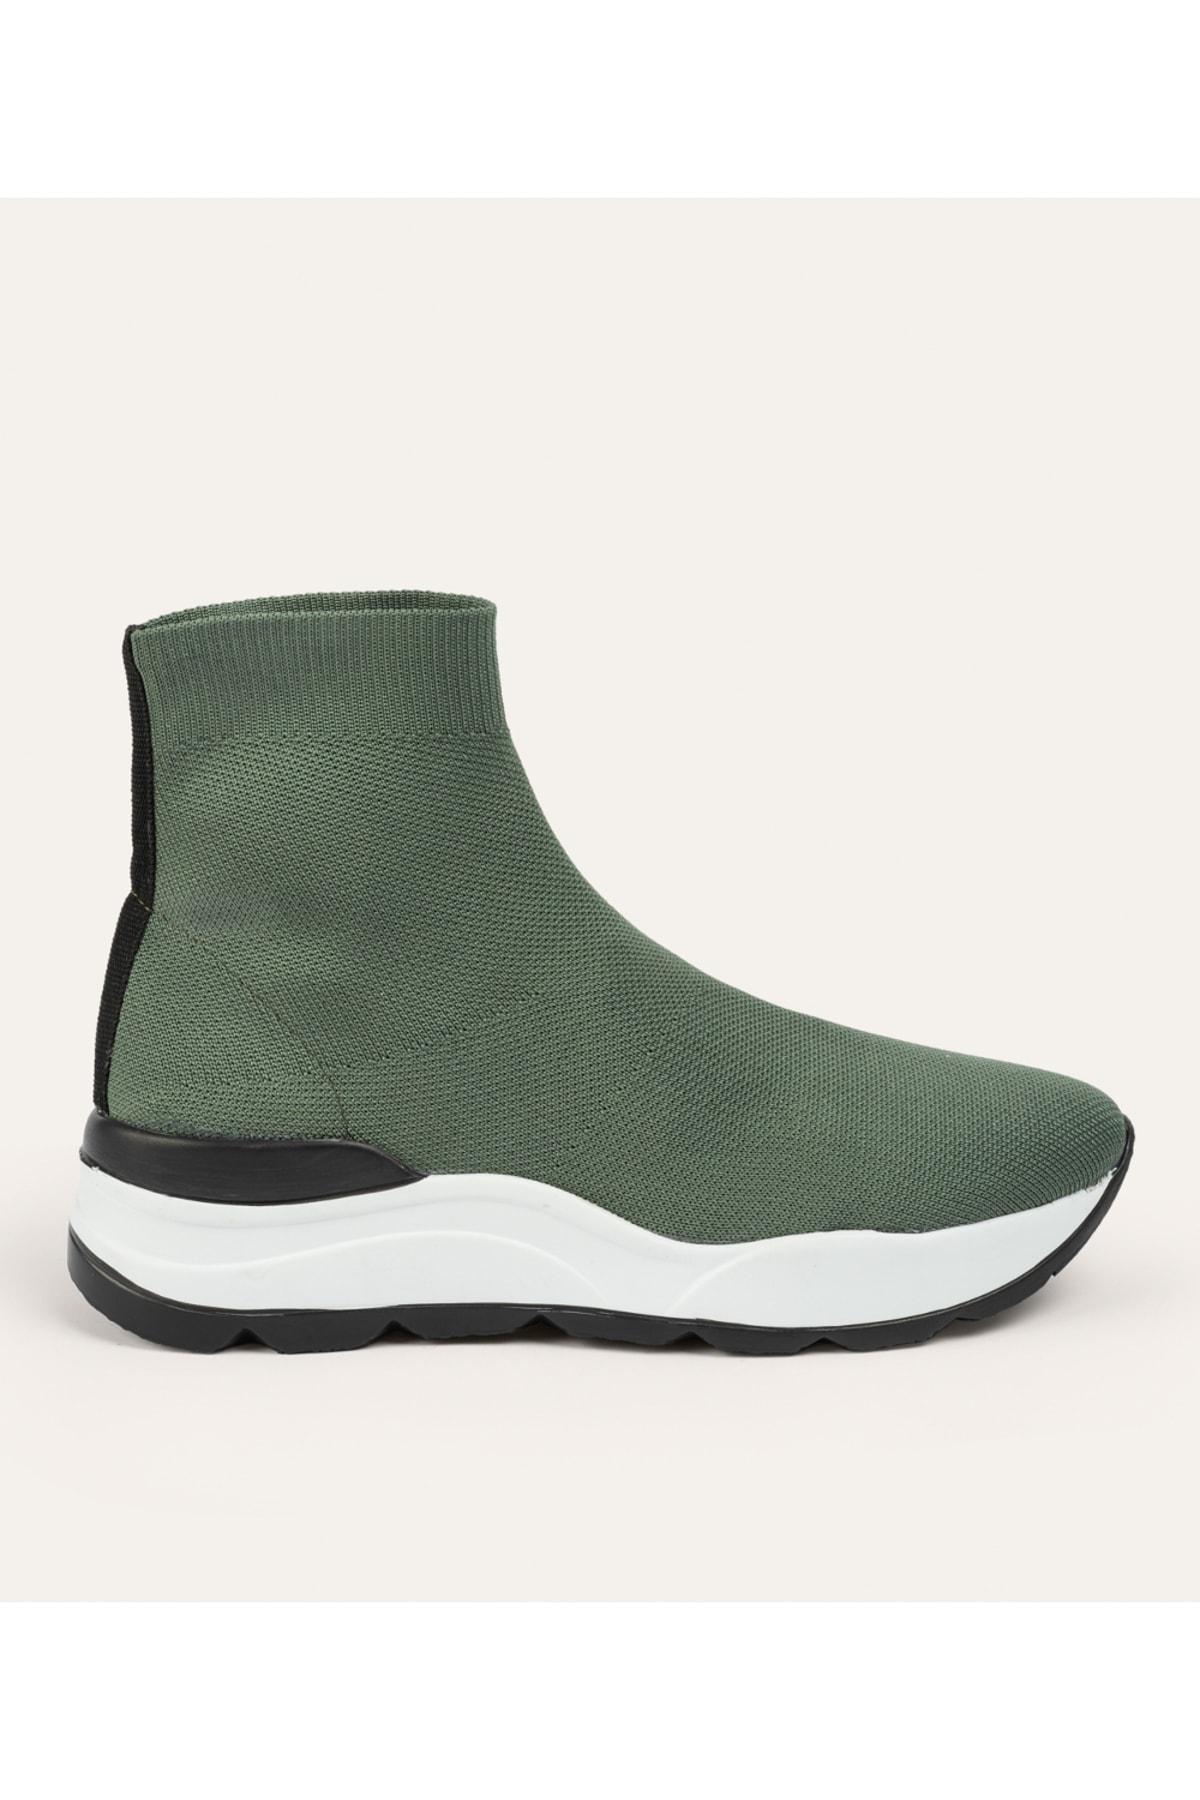 Kadın Haki Kalın Tabanlı Çorap Sneaker